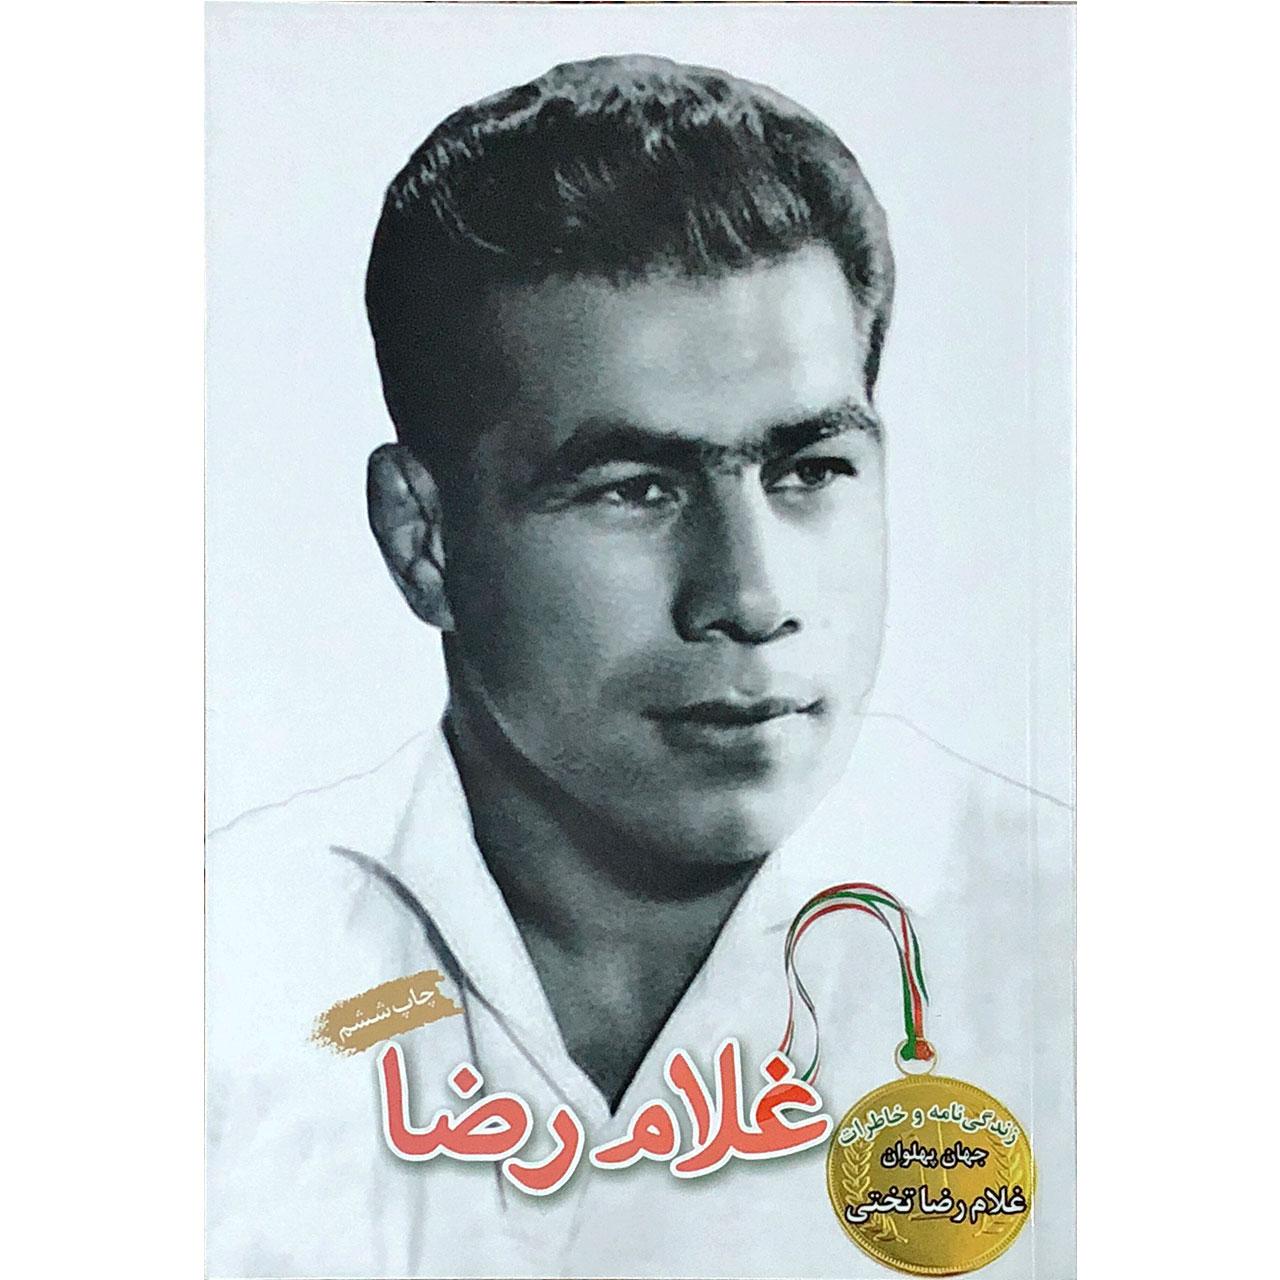 خرید                      کتاب غلامرضا اثر جمعی از نویسندگان انتشارات شهید ابراهیم هادی